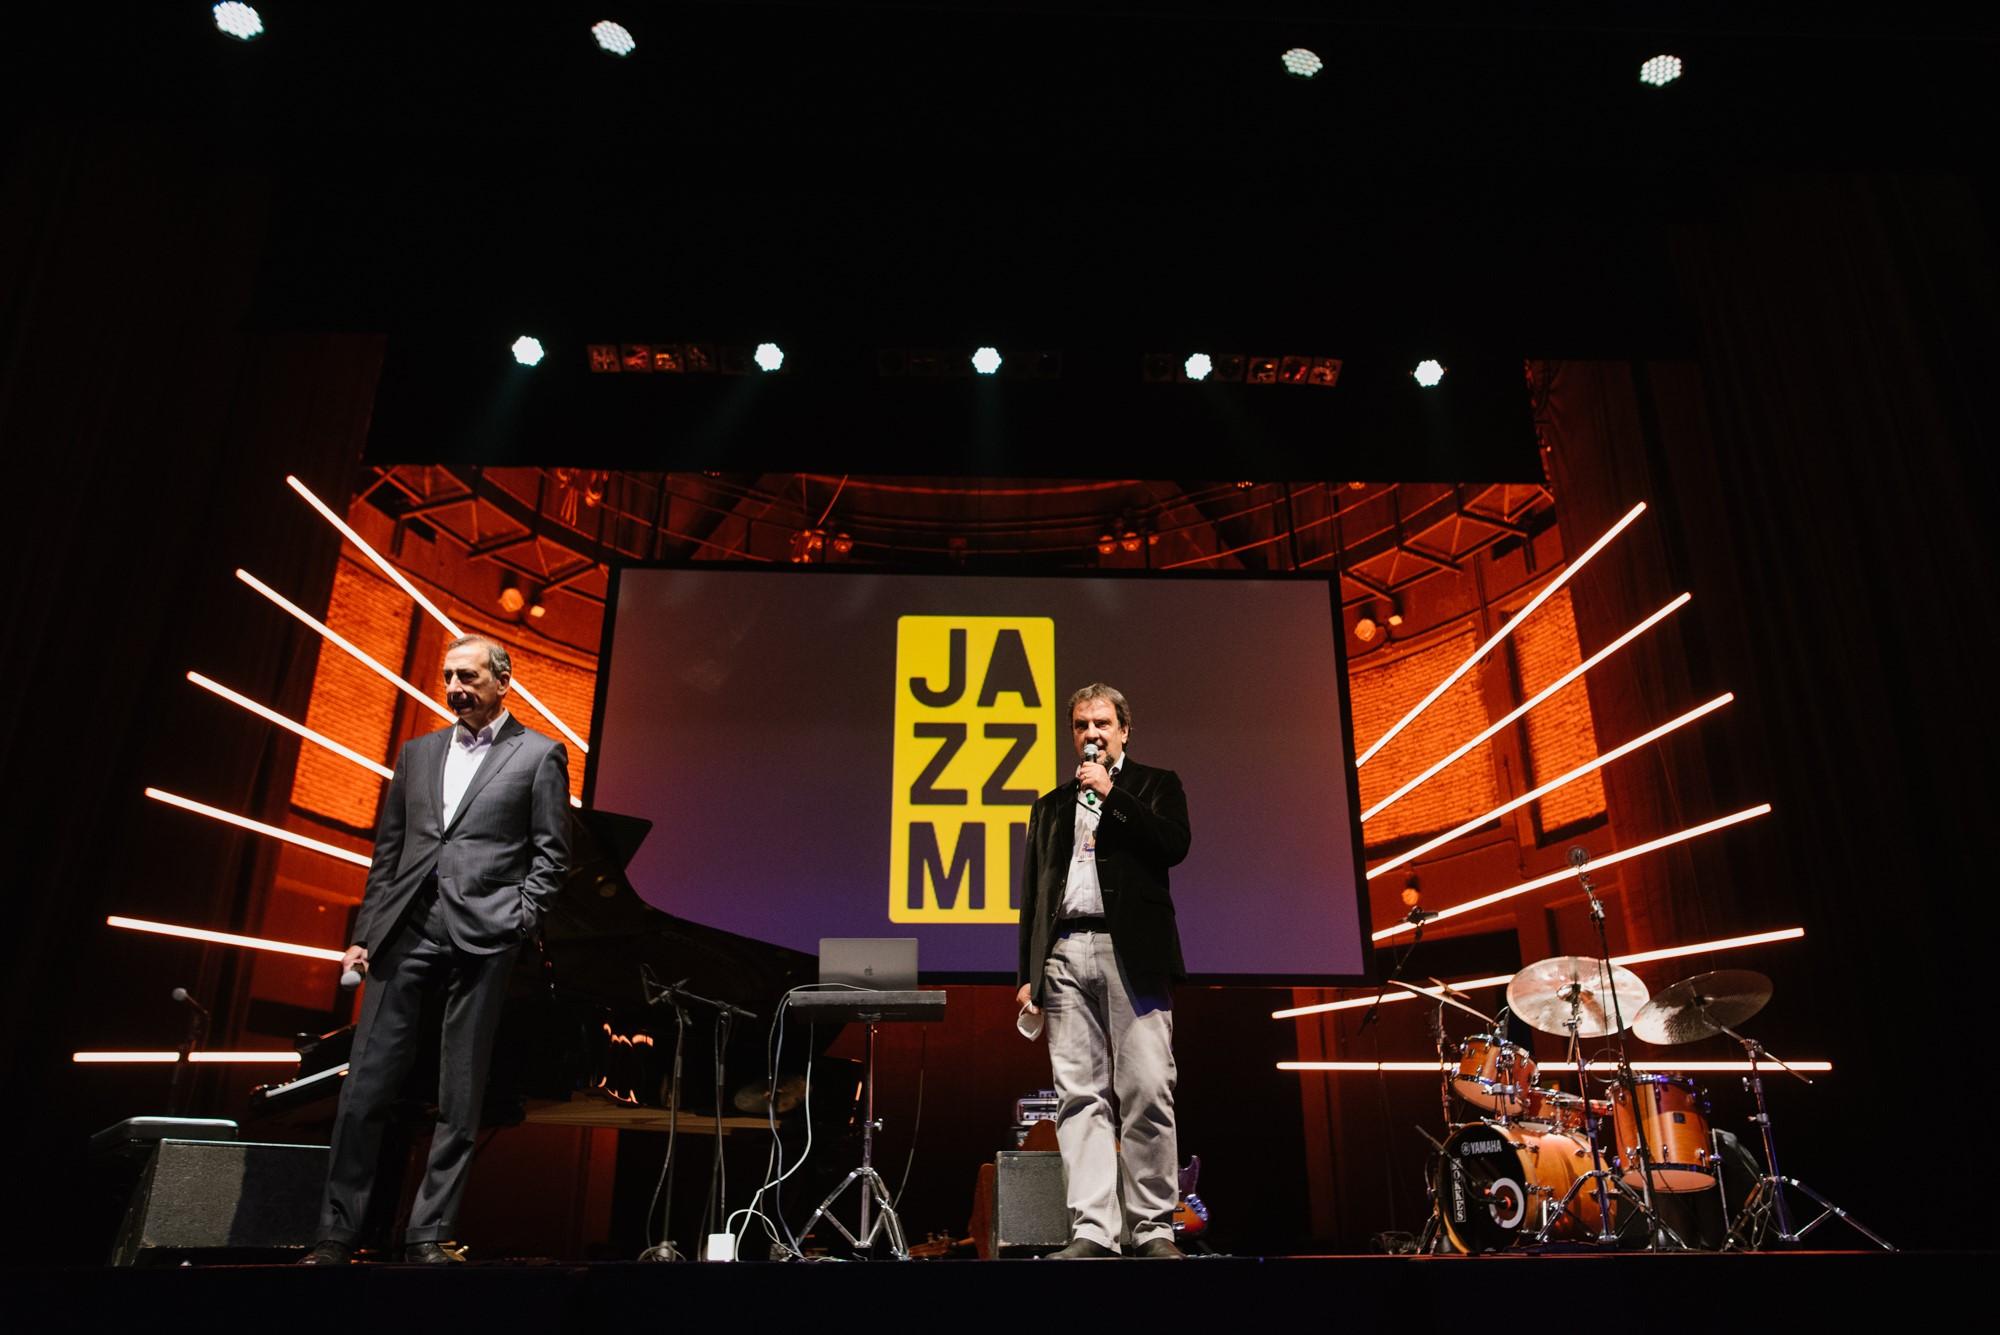 L'inaugurazione di JazzMi con il sindaco di Milano Sala - foto Federica Cicuttini